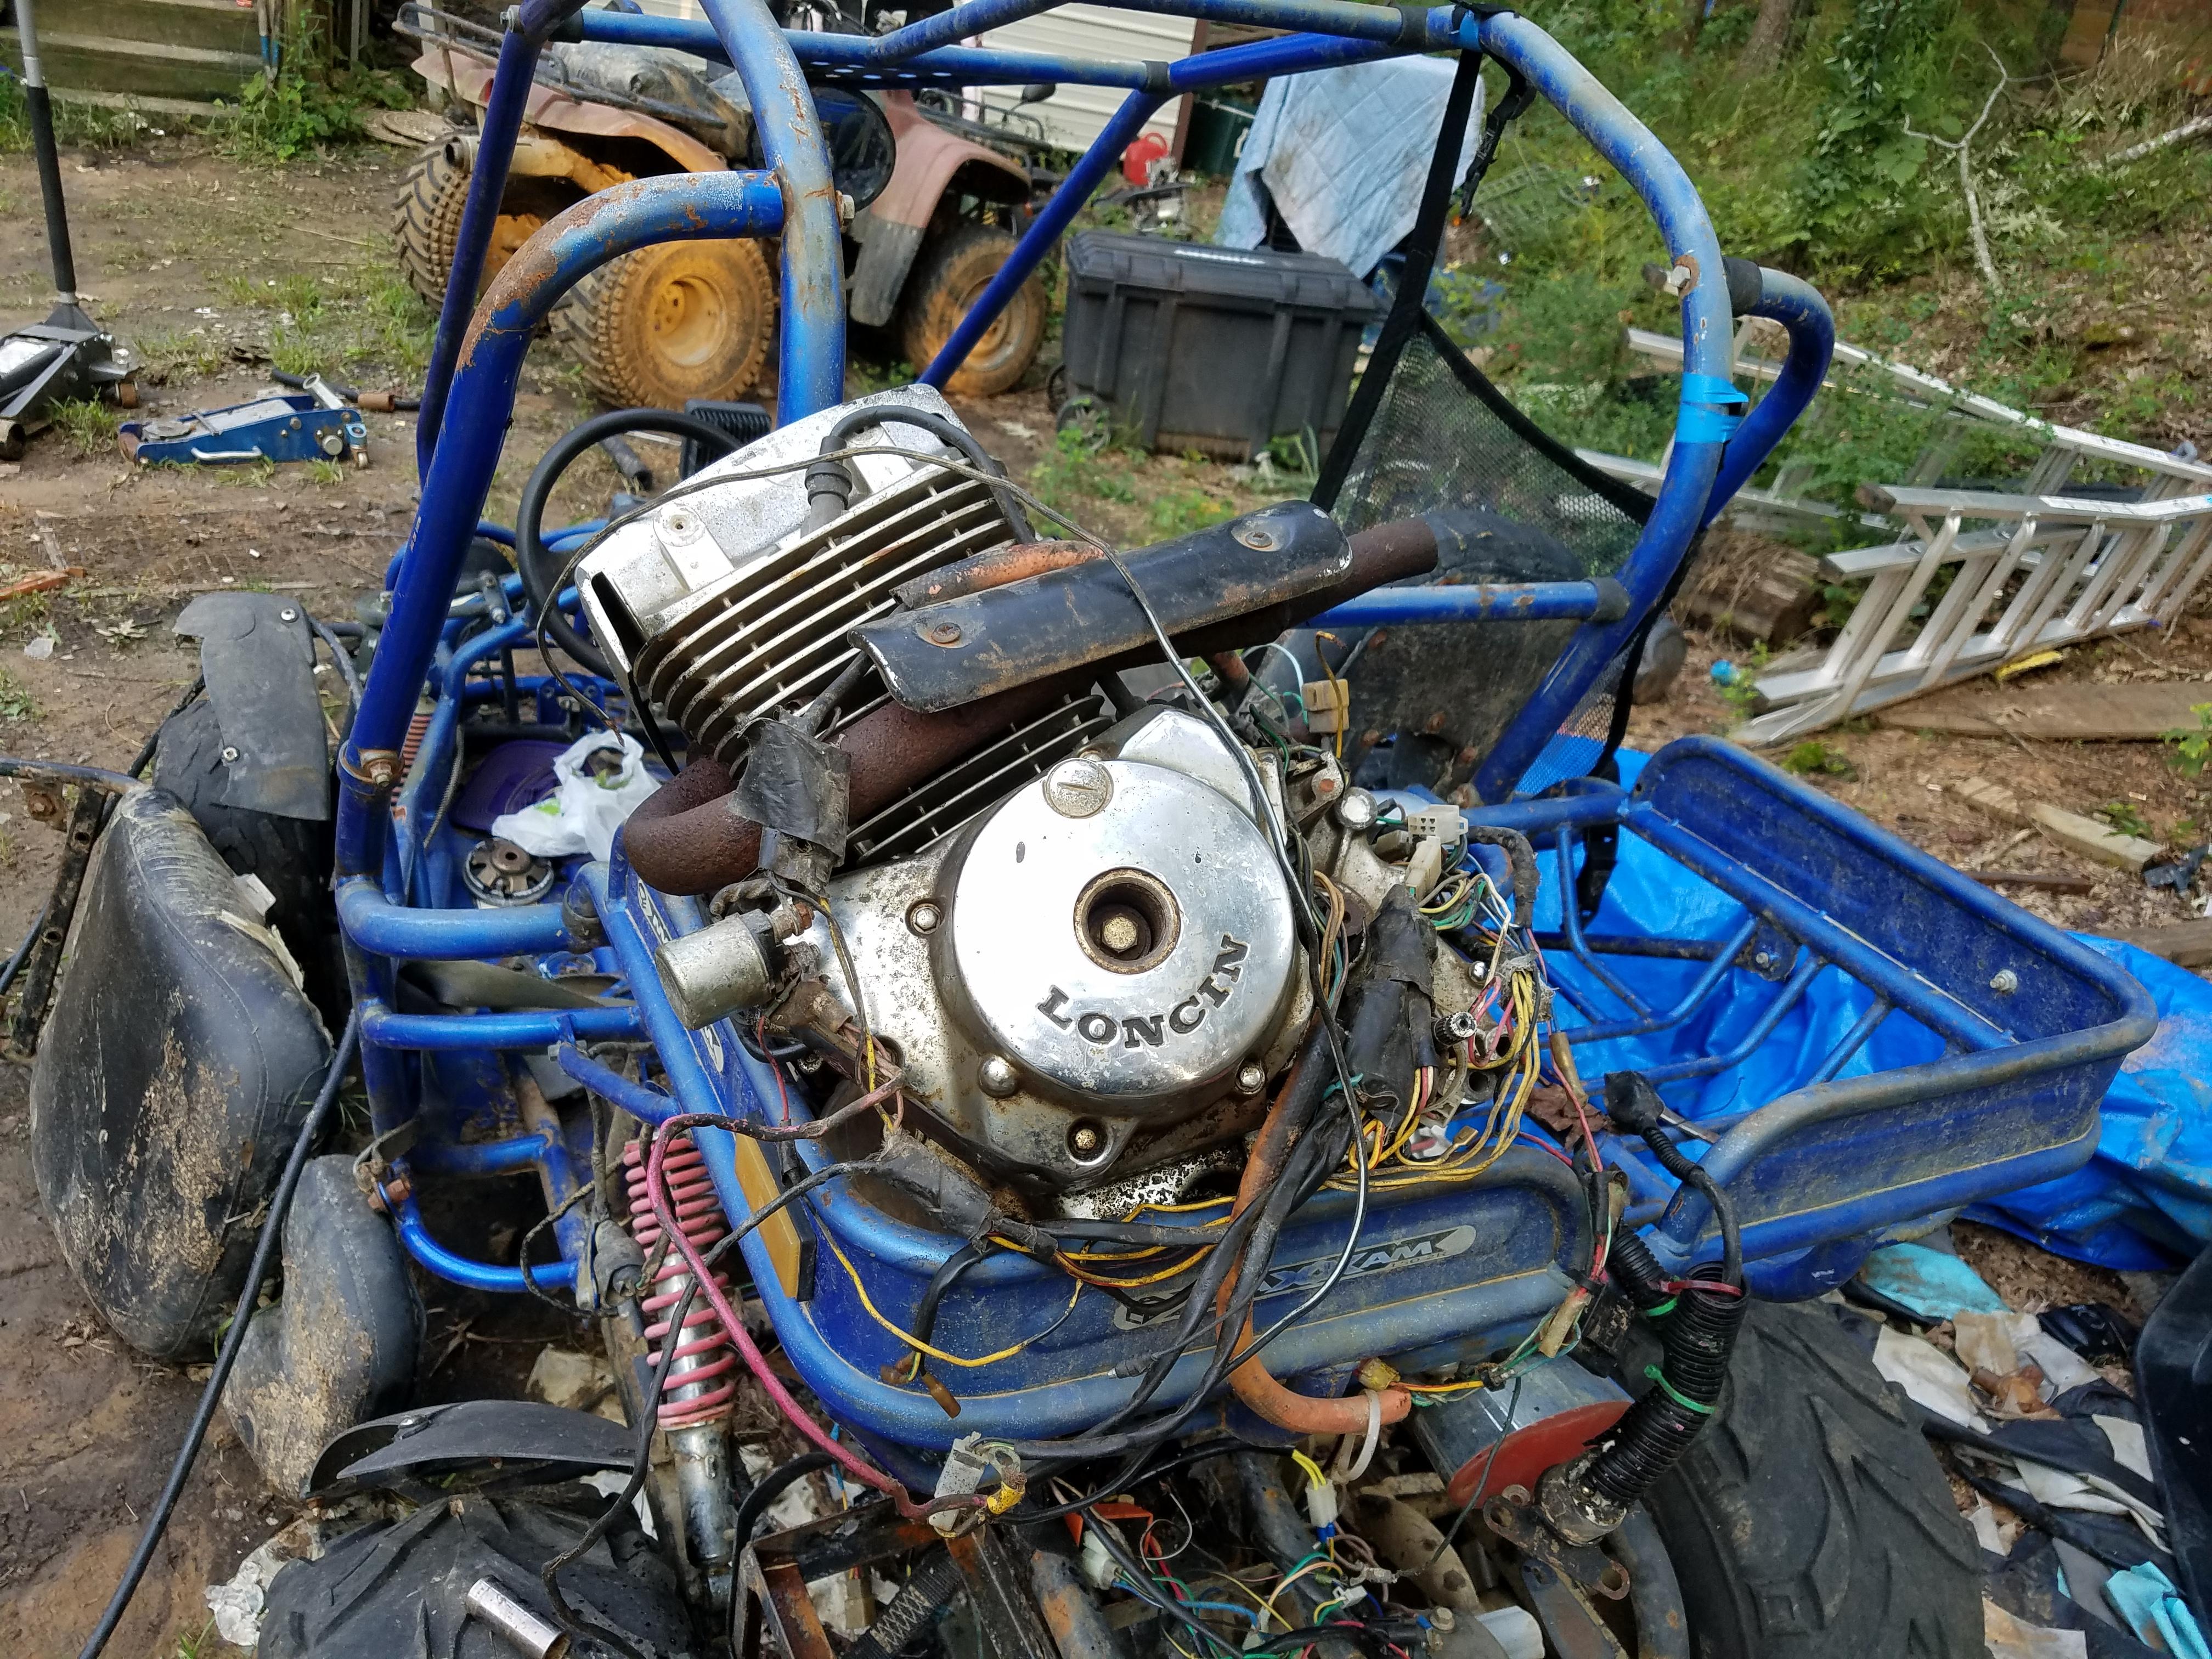 Wiring Diagram Further Honda Rebel Wiring Diagram On H Engine Diagram